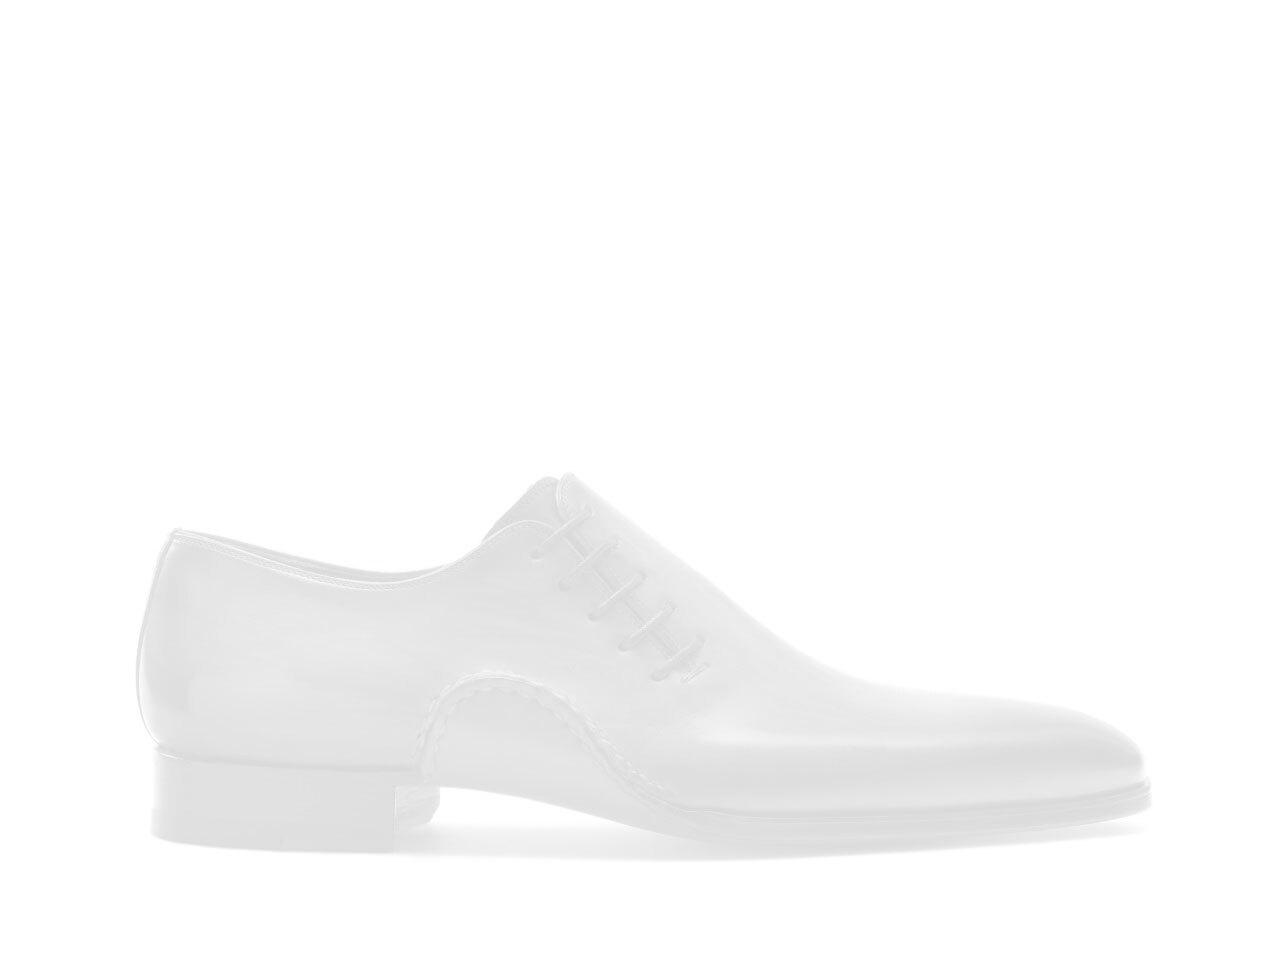 Sole of the Magnanni Lizandro Cuero Men's Sneakers